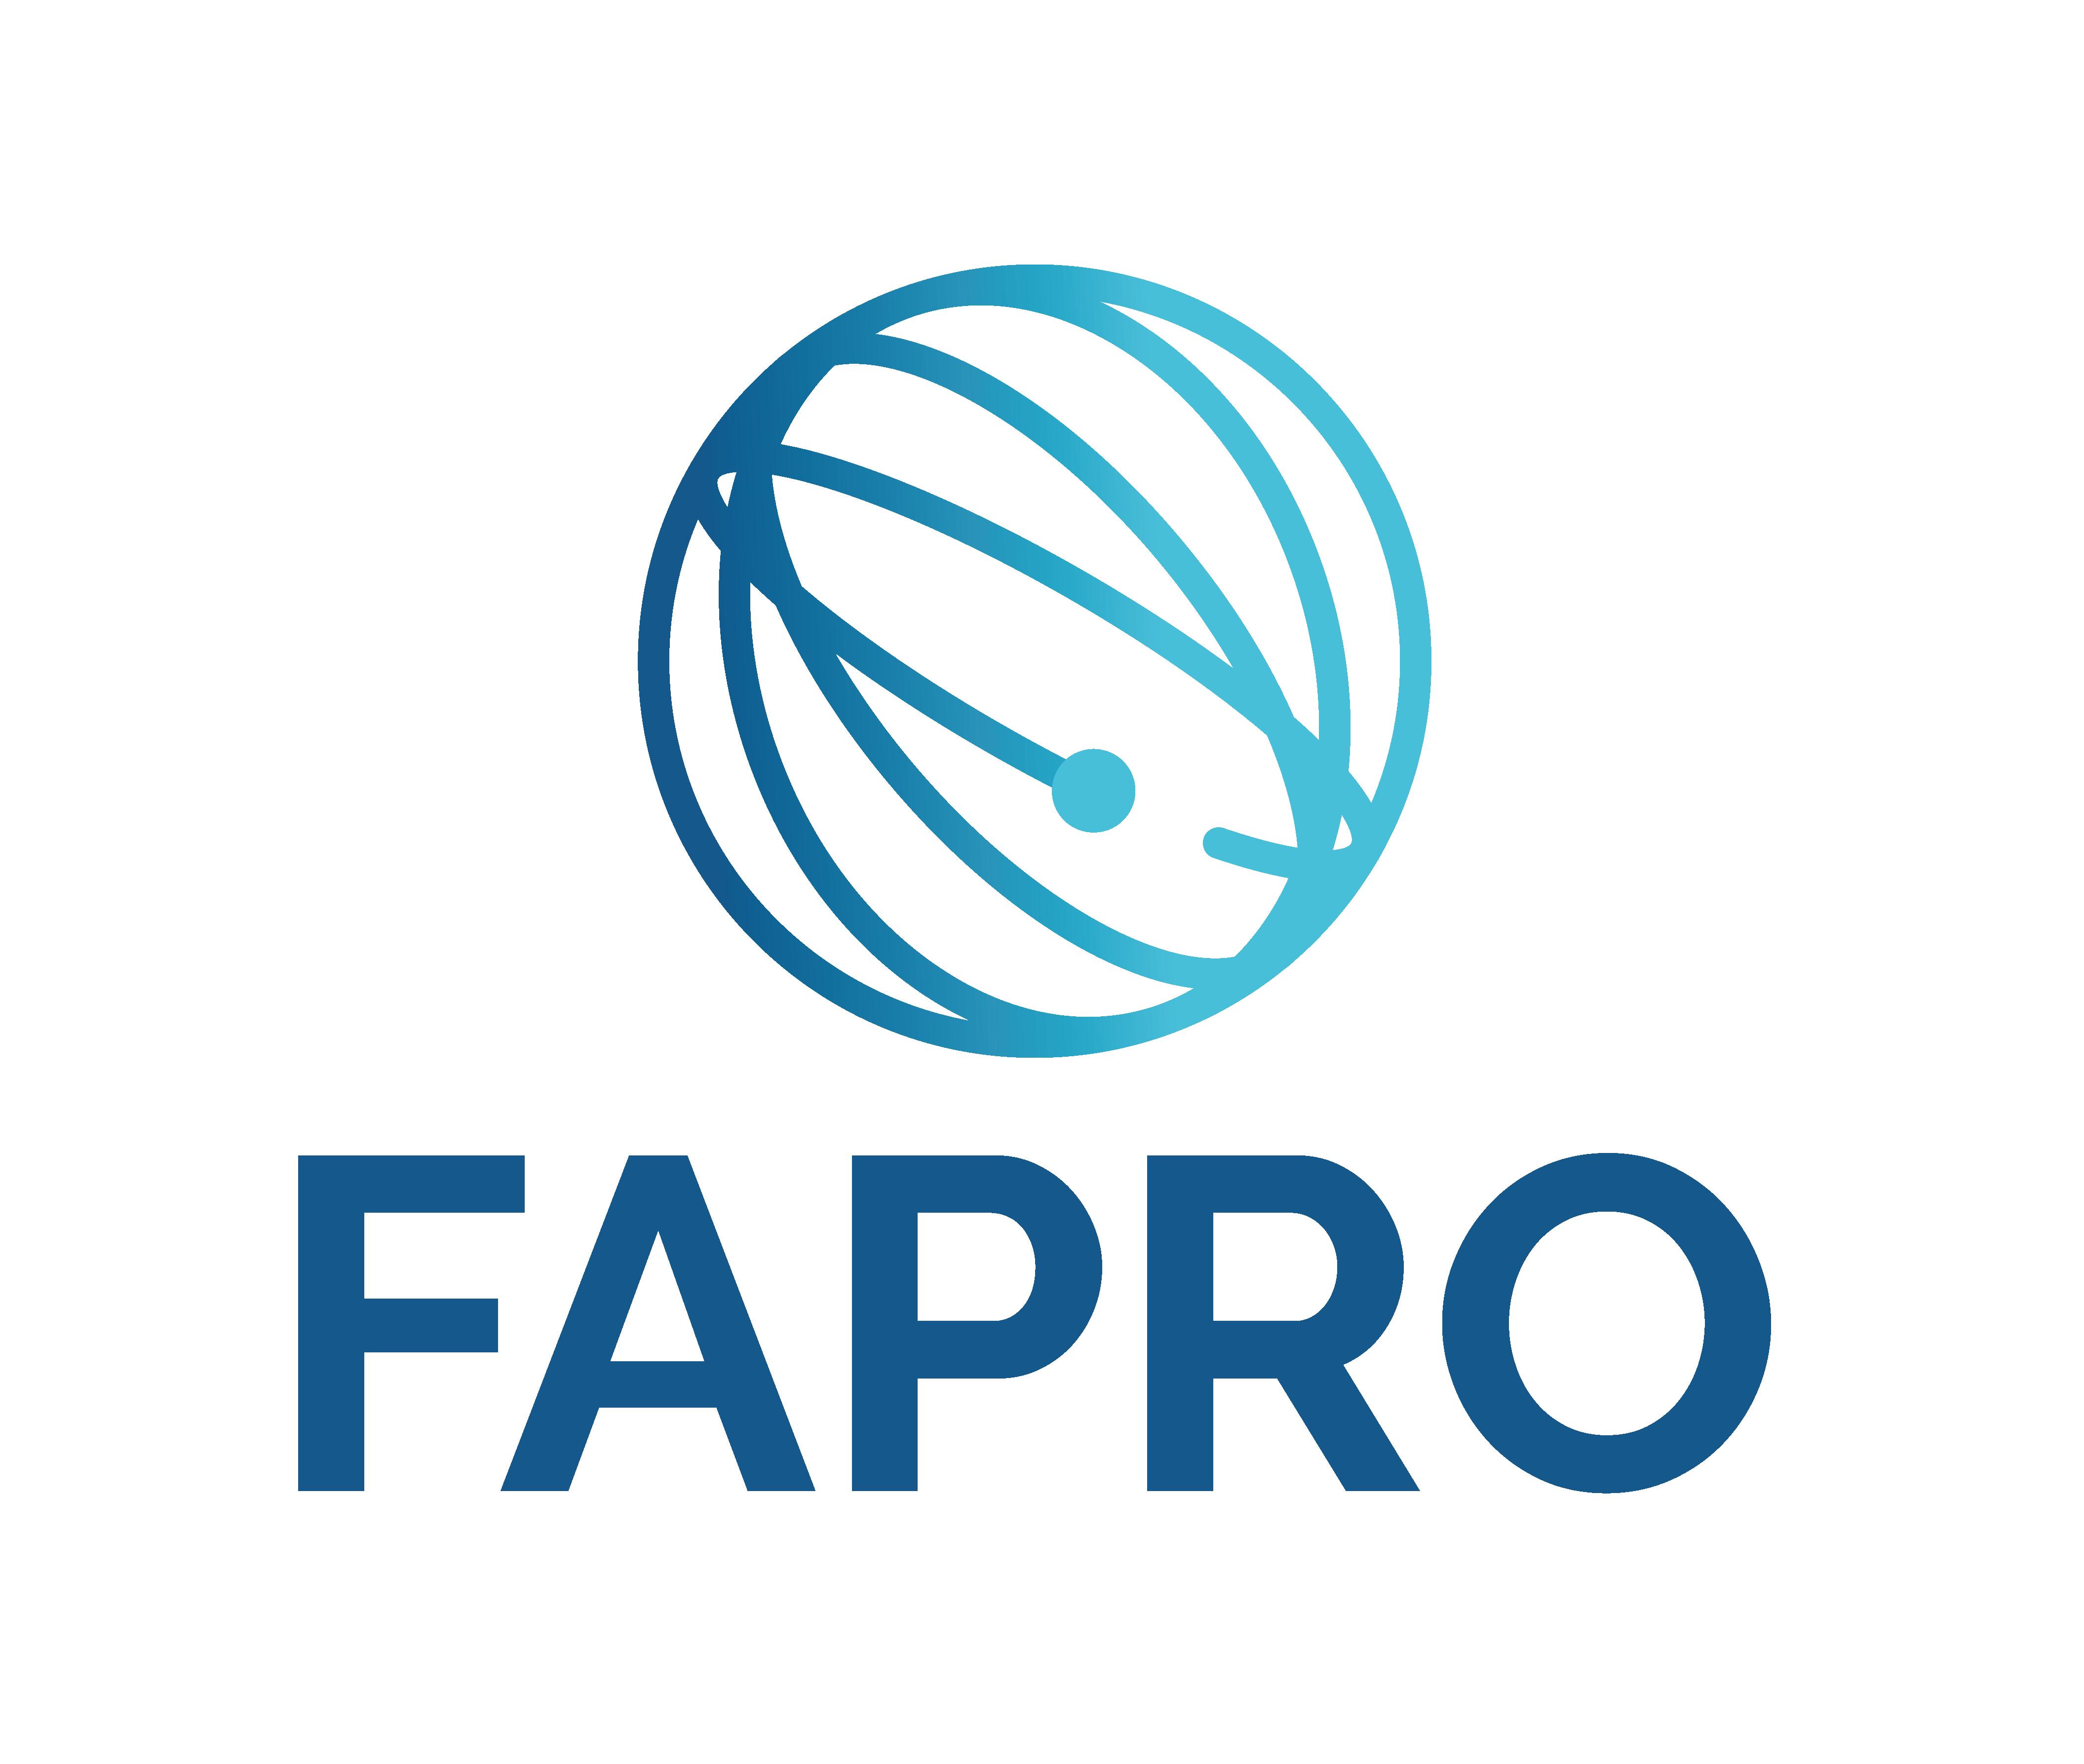 Empresas Desafio10x: FaPro